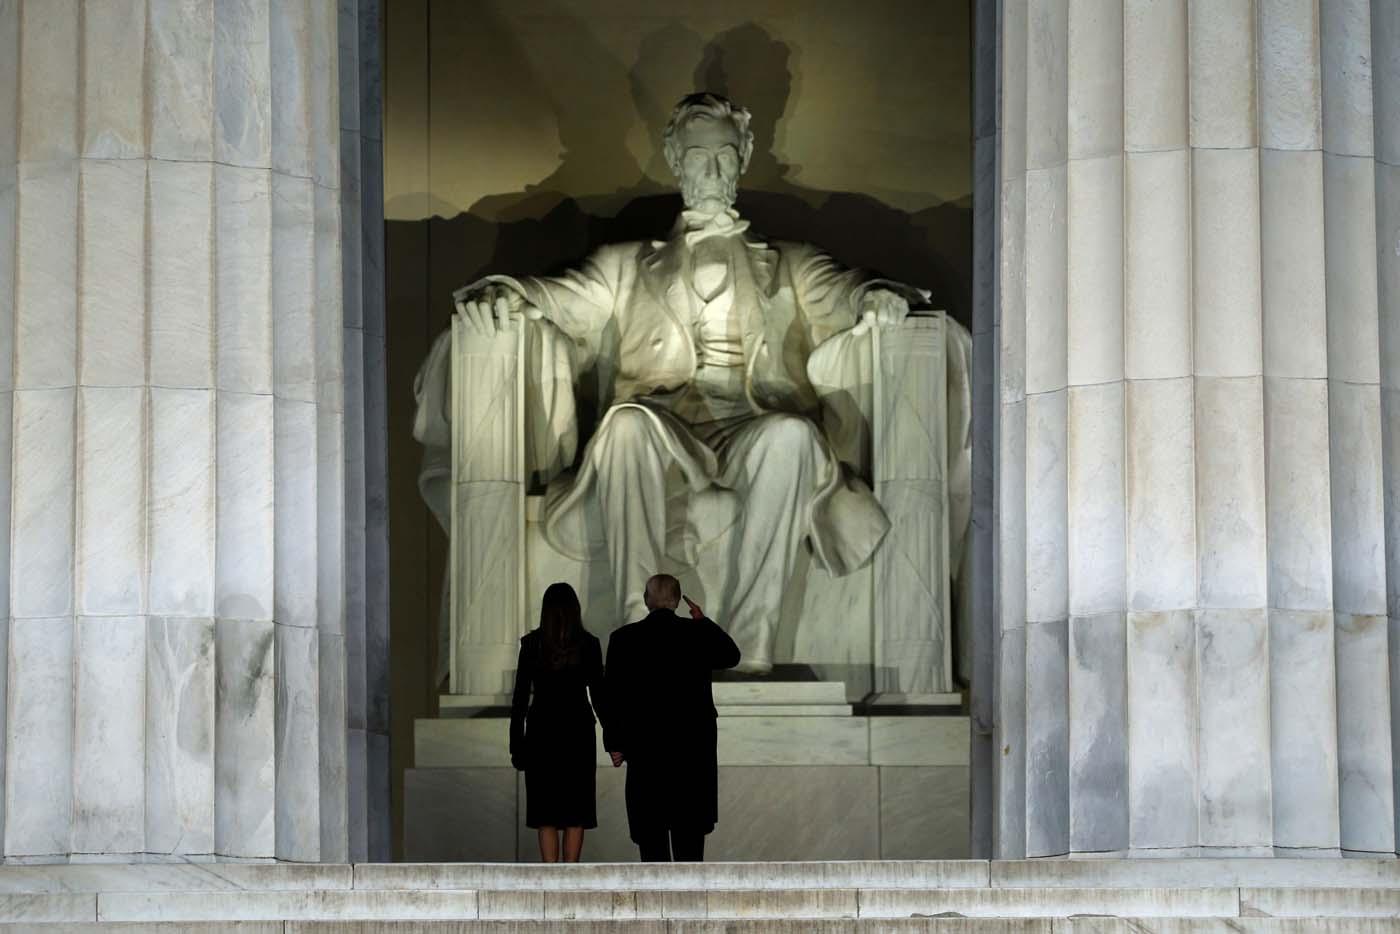 """Donald Trump saluda a la estatua de Abraham Lincoln mientras asiste a su concierto de """"Make America Great Again"""" en Washington, Estados Unidos. 19 de enero.Donald Trump será investido el viernes como el cuadragésimo quinto presidente de Estados Unidos y asumirá la conducción de un país dividido luego una dura campaña electoral, adentrándolo en una senda nueva e incierta tanto a nivel local como internacional. REUTERS/Jonathan Ernst"""